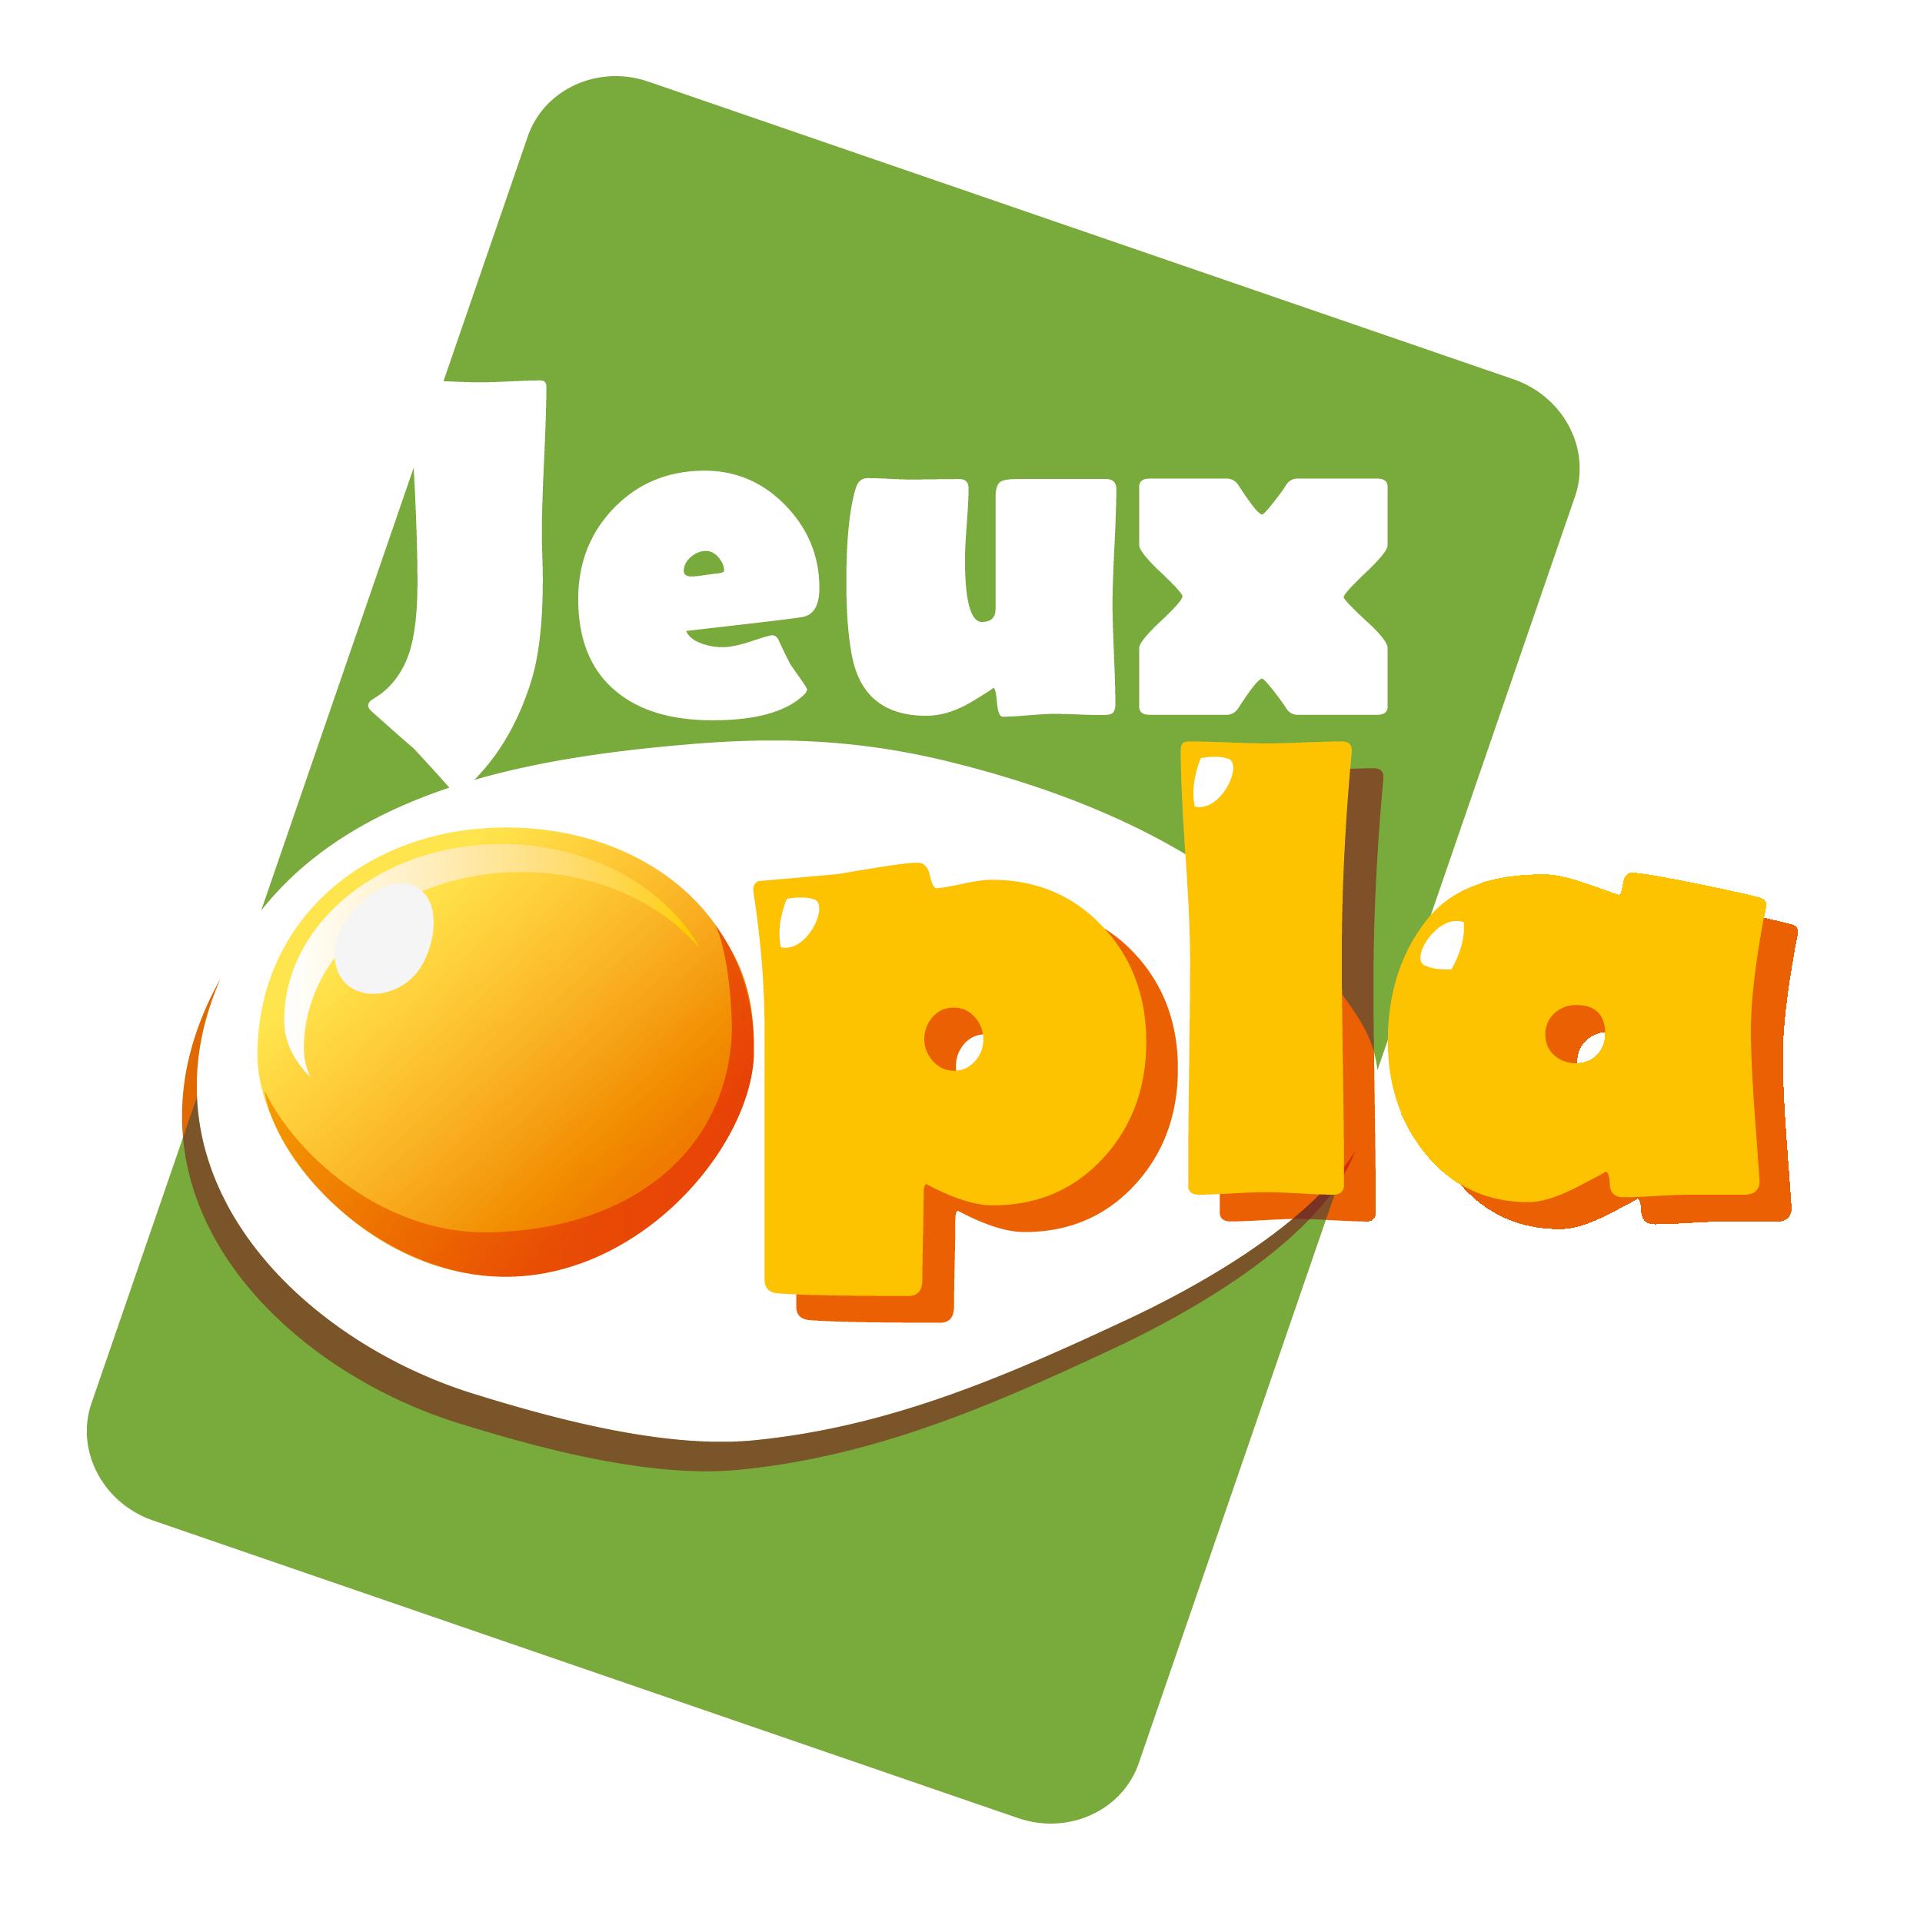 Jeux Opla